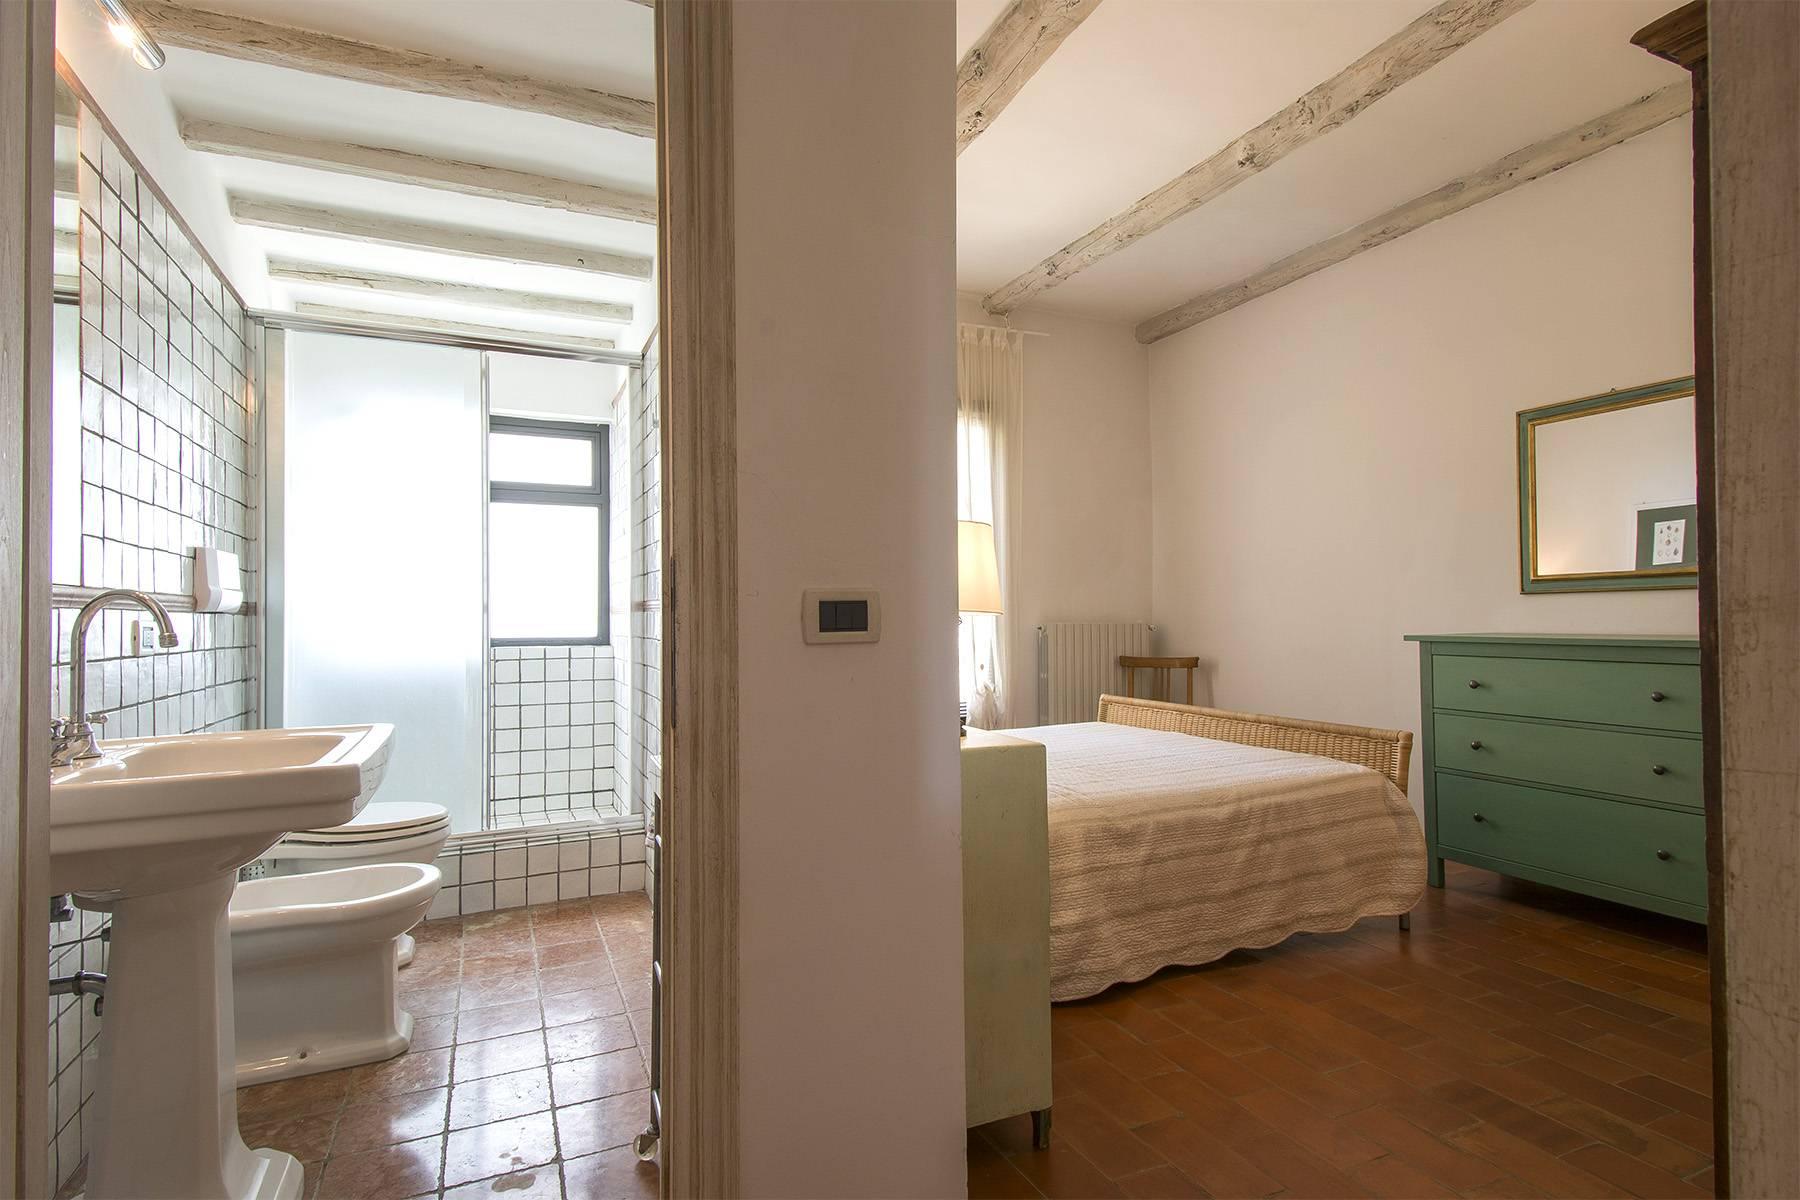 Villa in Vendita a Montecatini-Terme: 5 locali, 250 mq - Foto 21